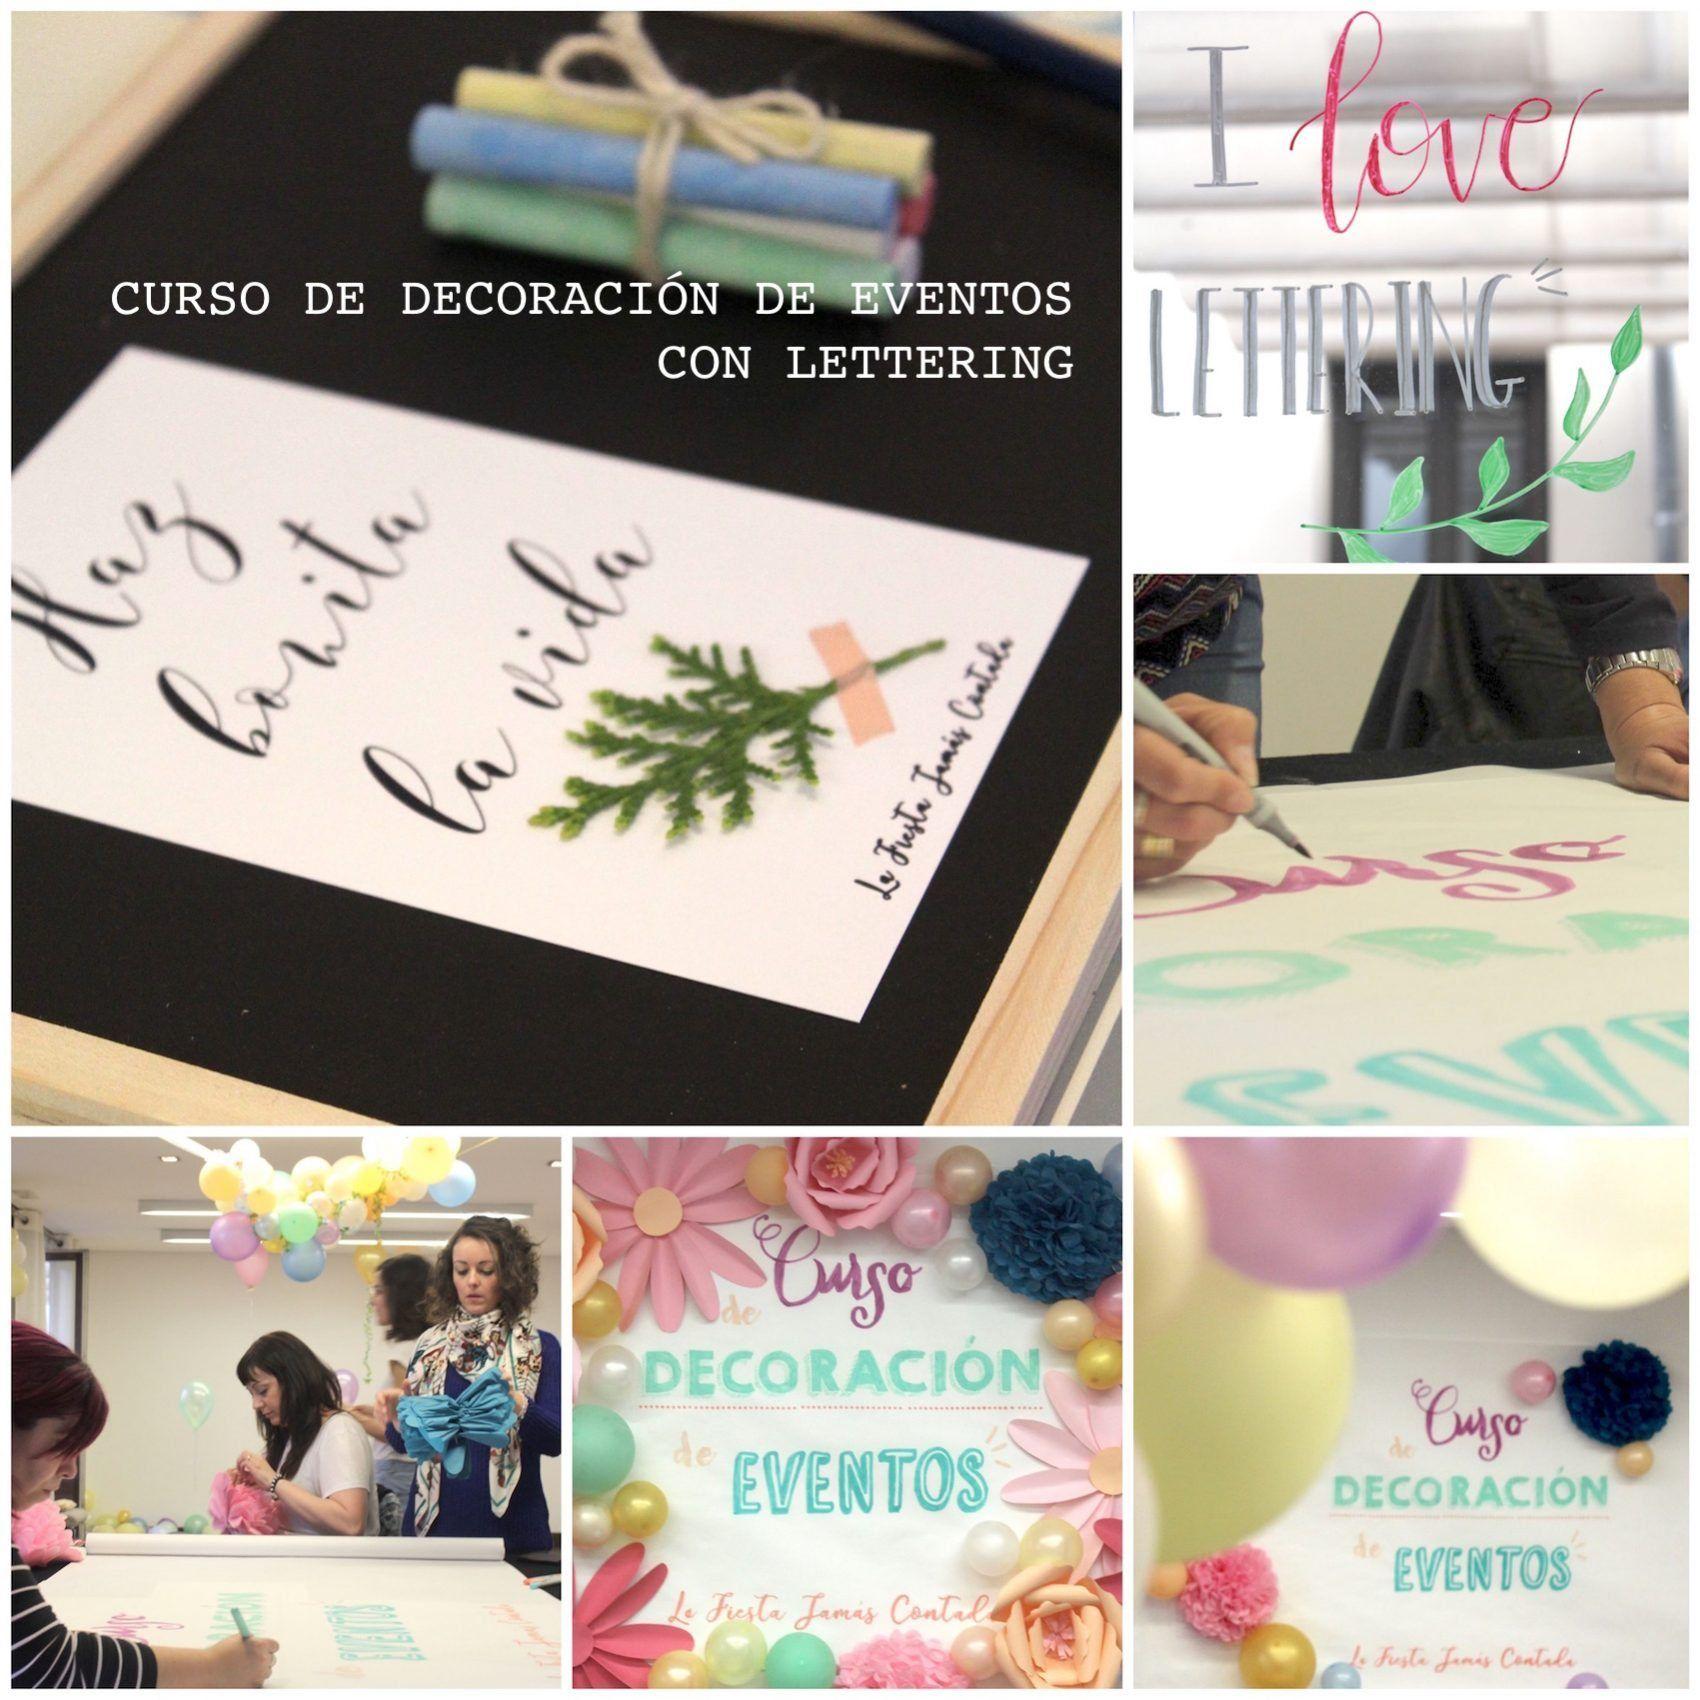 curso de decoraci n de eventos la fiesta jam s contada